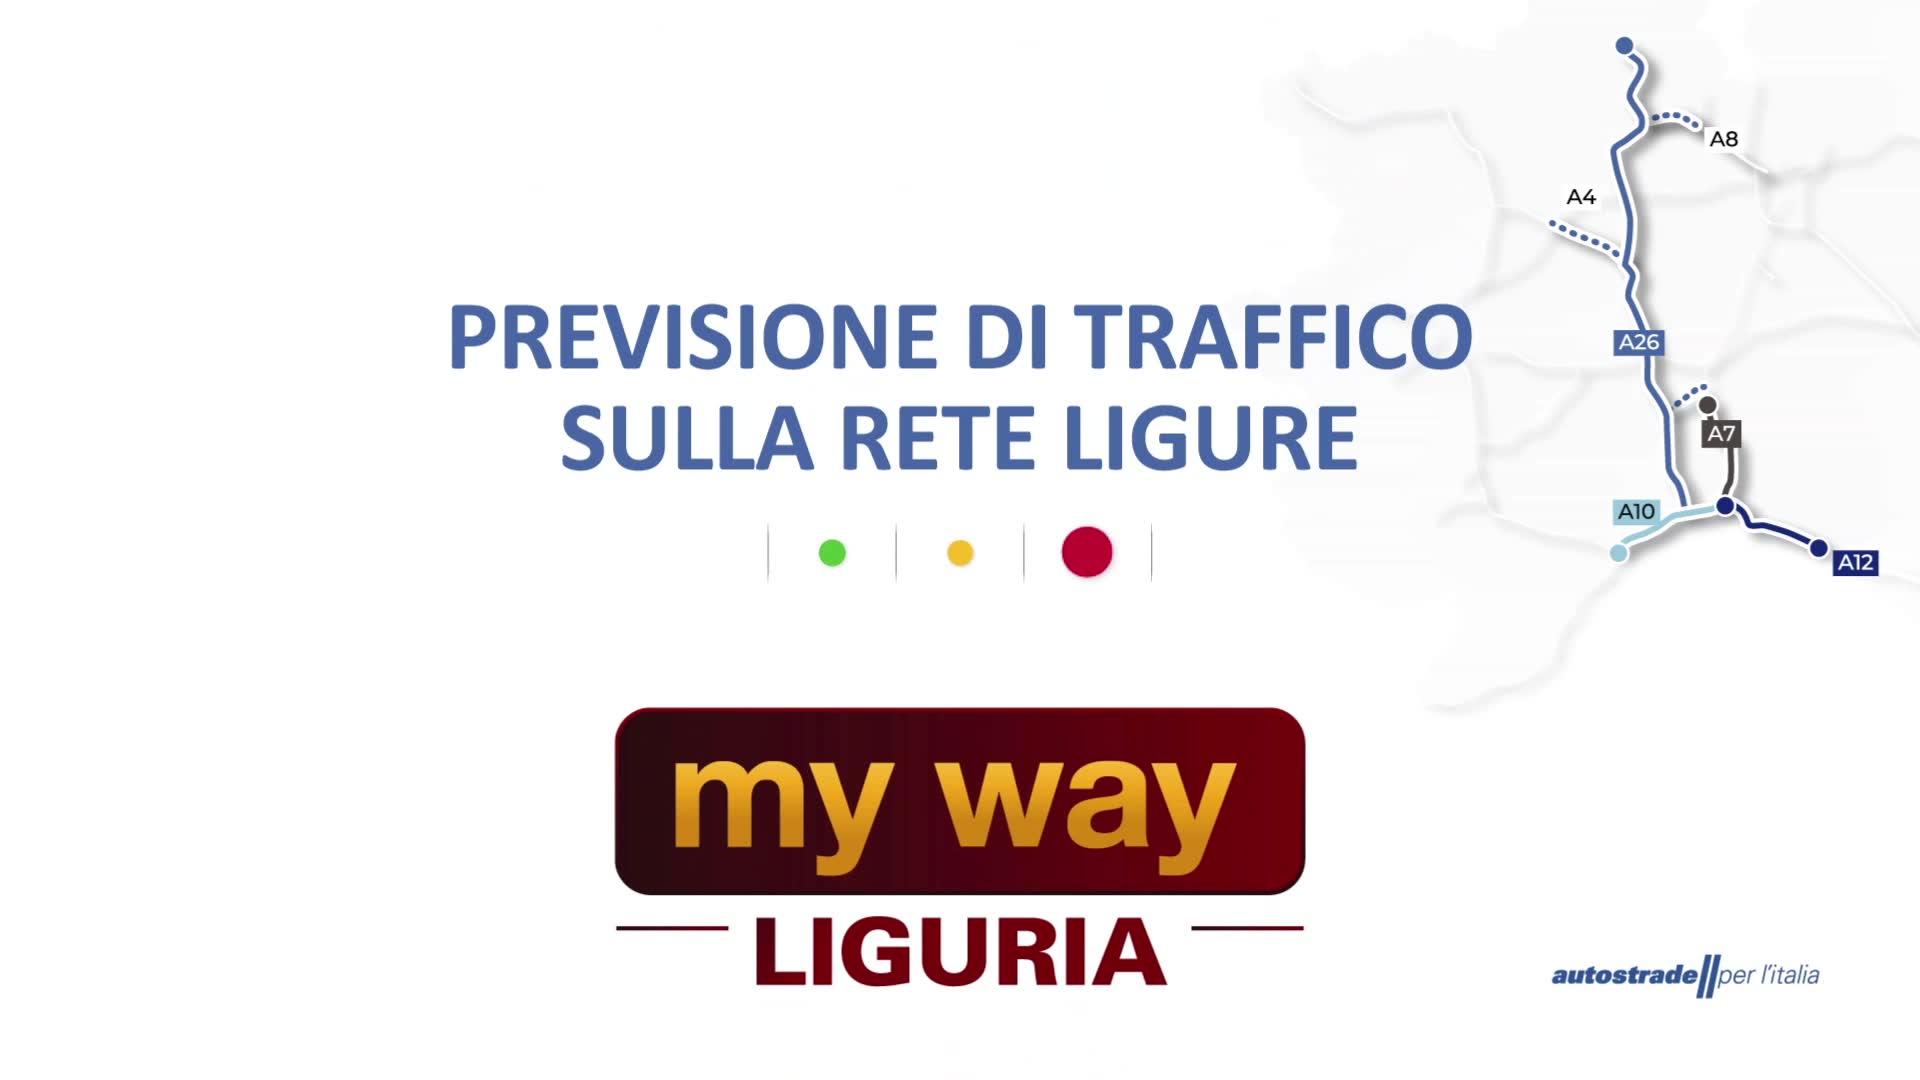 Le previsioni di traffico sulle autostrade della Liguria per venerdì 24 settembre